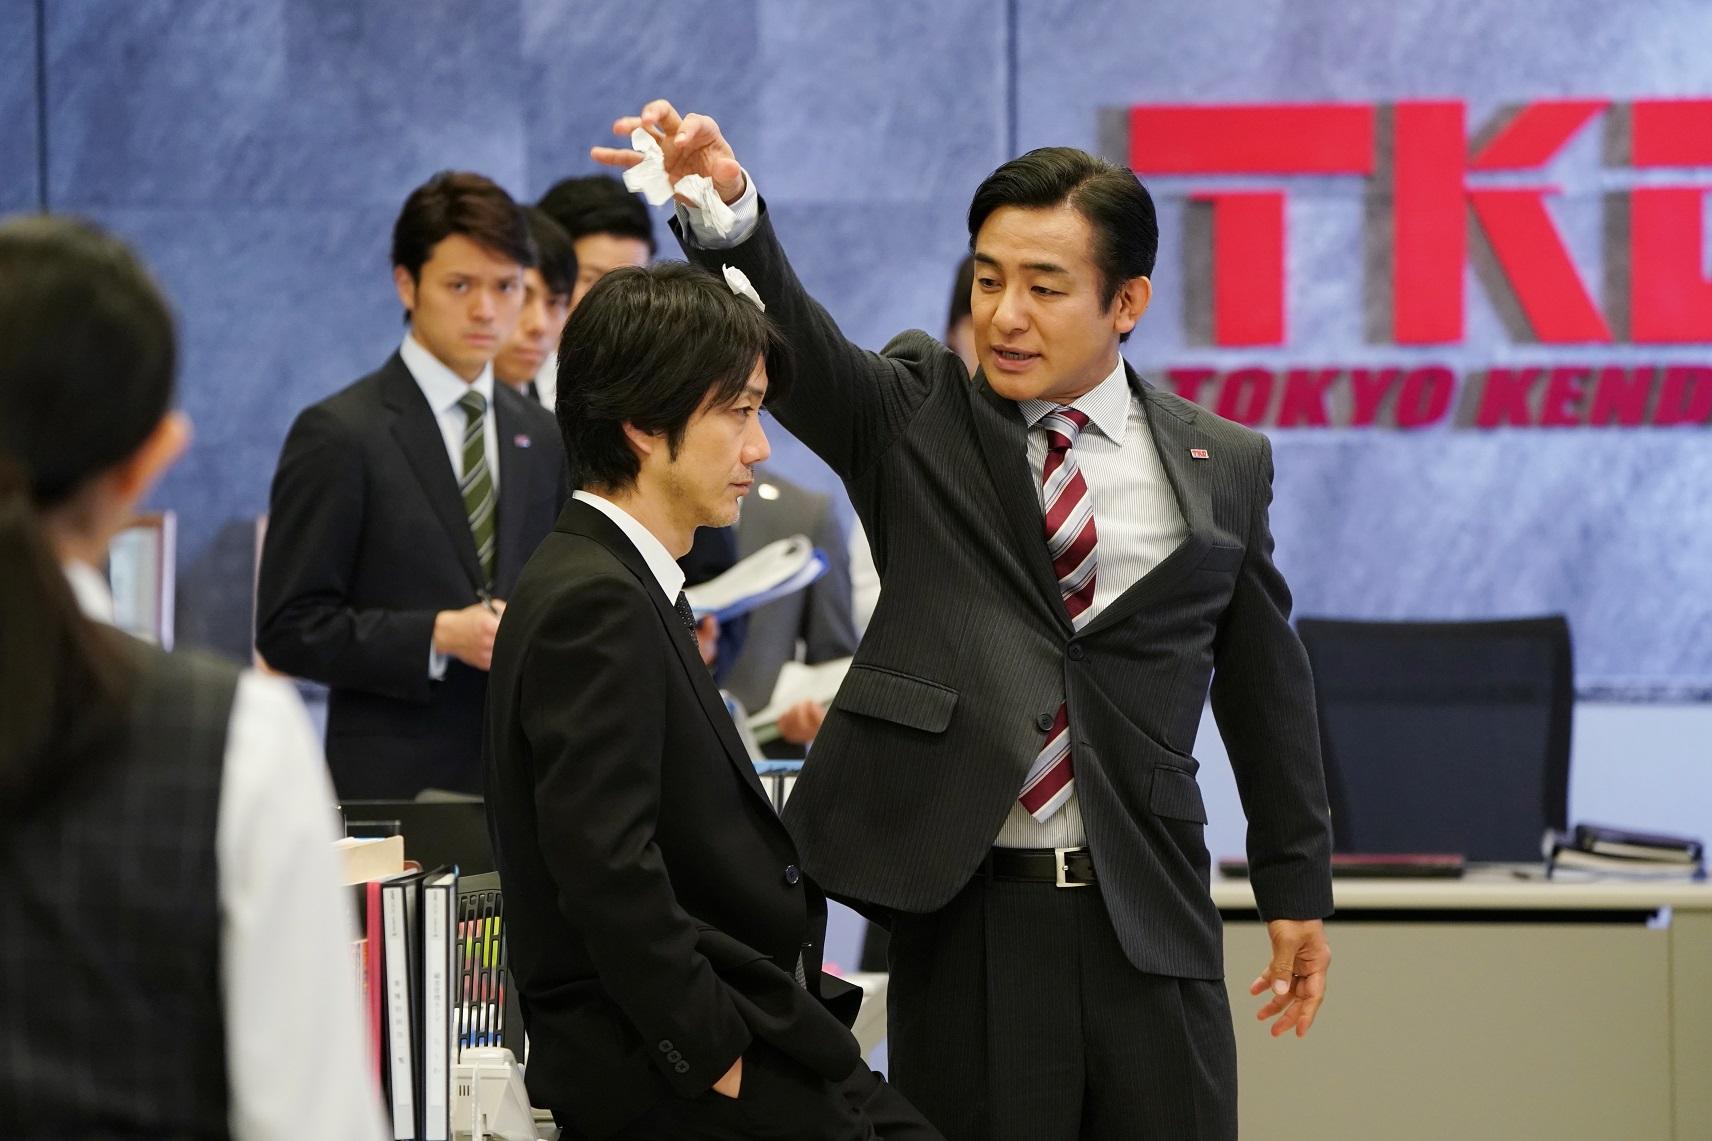 比《半澤直樹》更黑暗!《七個會議》職場生存教父池井戶潤直接搞垮日本知名財團